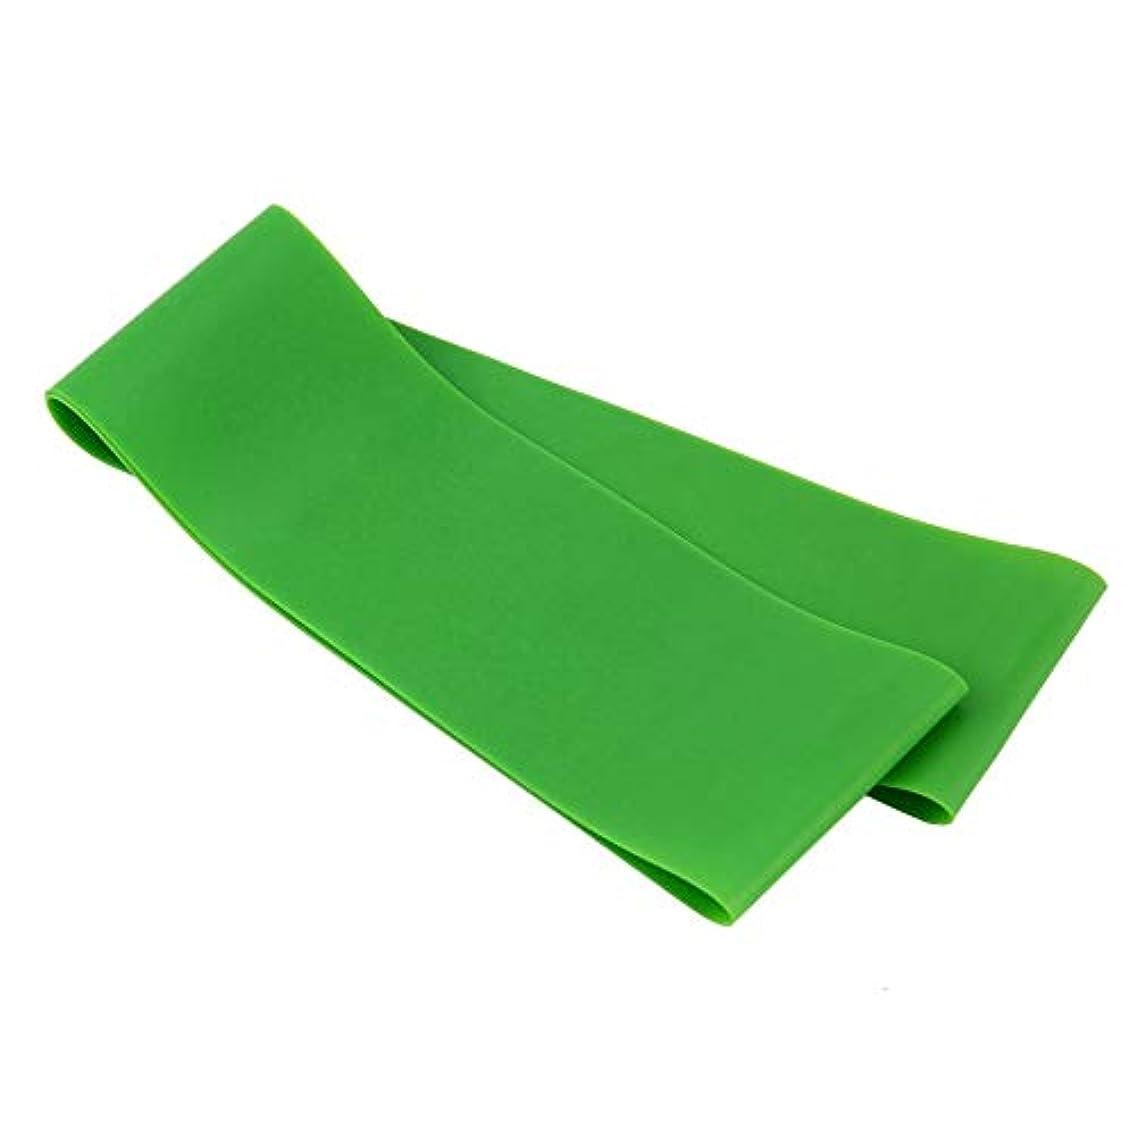 に賛成防水再現する滑り止め伸縮性ゴム弾性ヨガベルトバンドプルロープ張力抵抗バンドループ強度のためのフィットネスヨガツール - グリーン